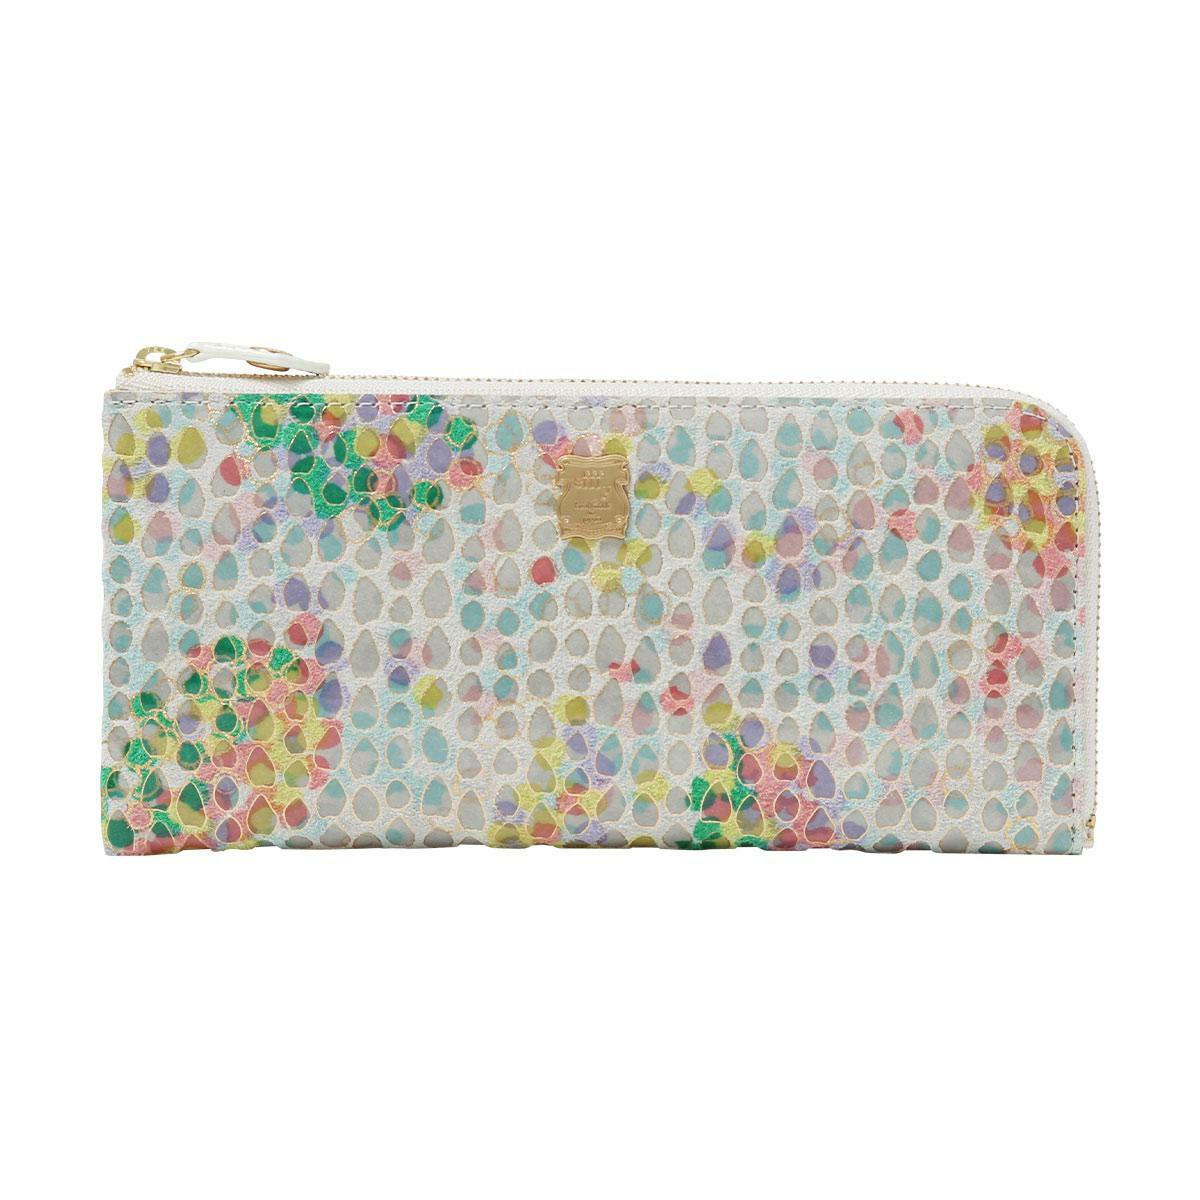 母の日にはお財布をプレゼントしよう!おすすめの長財布&ミニ財布をご紹介します